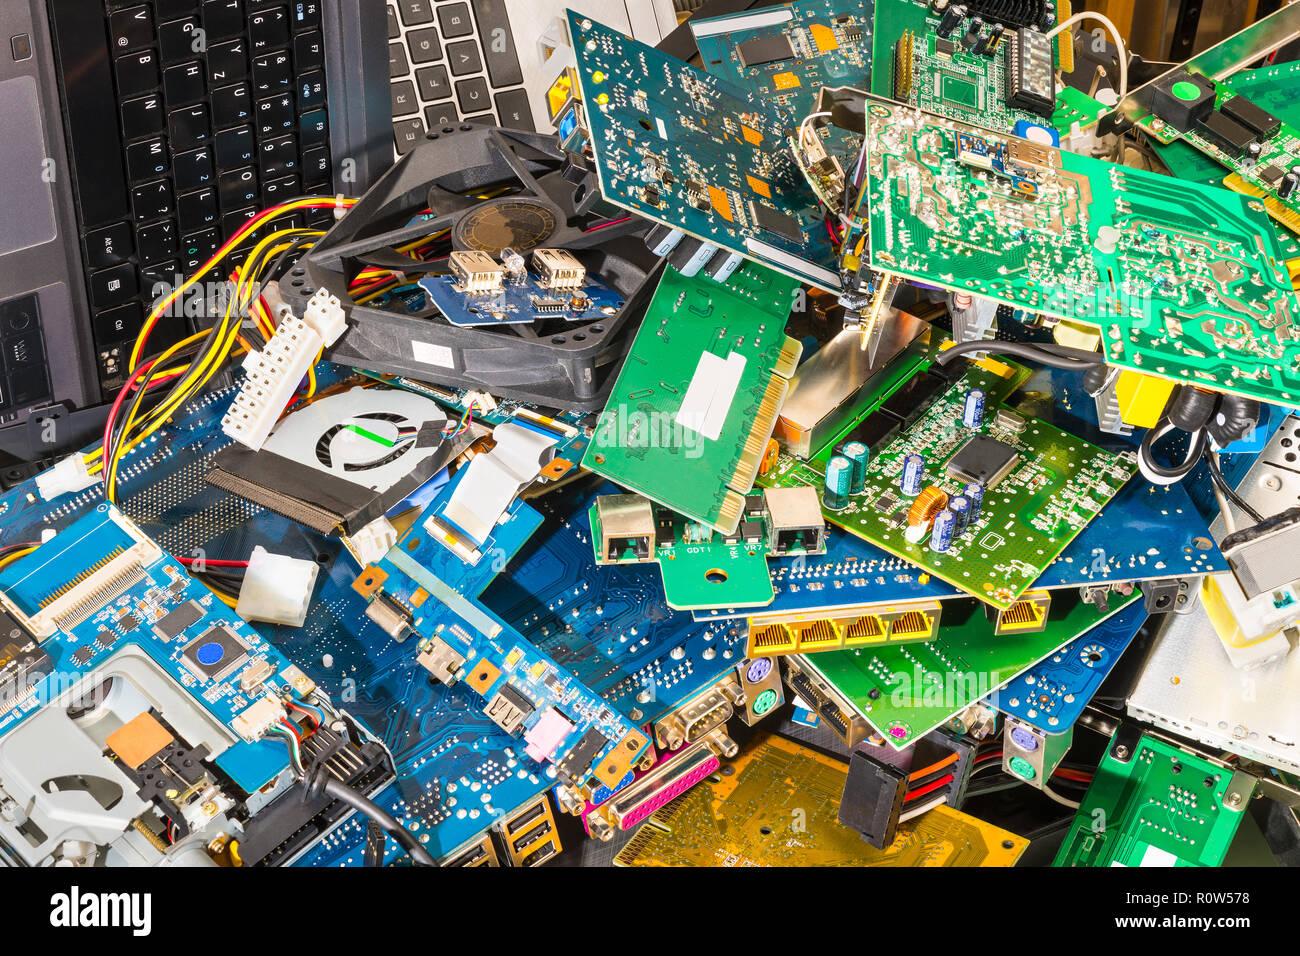 E-pile de déchets des pièces pour ordinateur portable. Connecteurs, PCB, les claviers d'ordinateur portable. Arrière-plan coloré à partir de composants d'un PC. Le recyclage des déchets électroniques. Banque D'Images